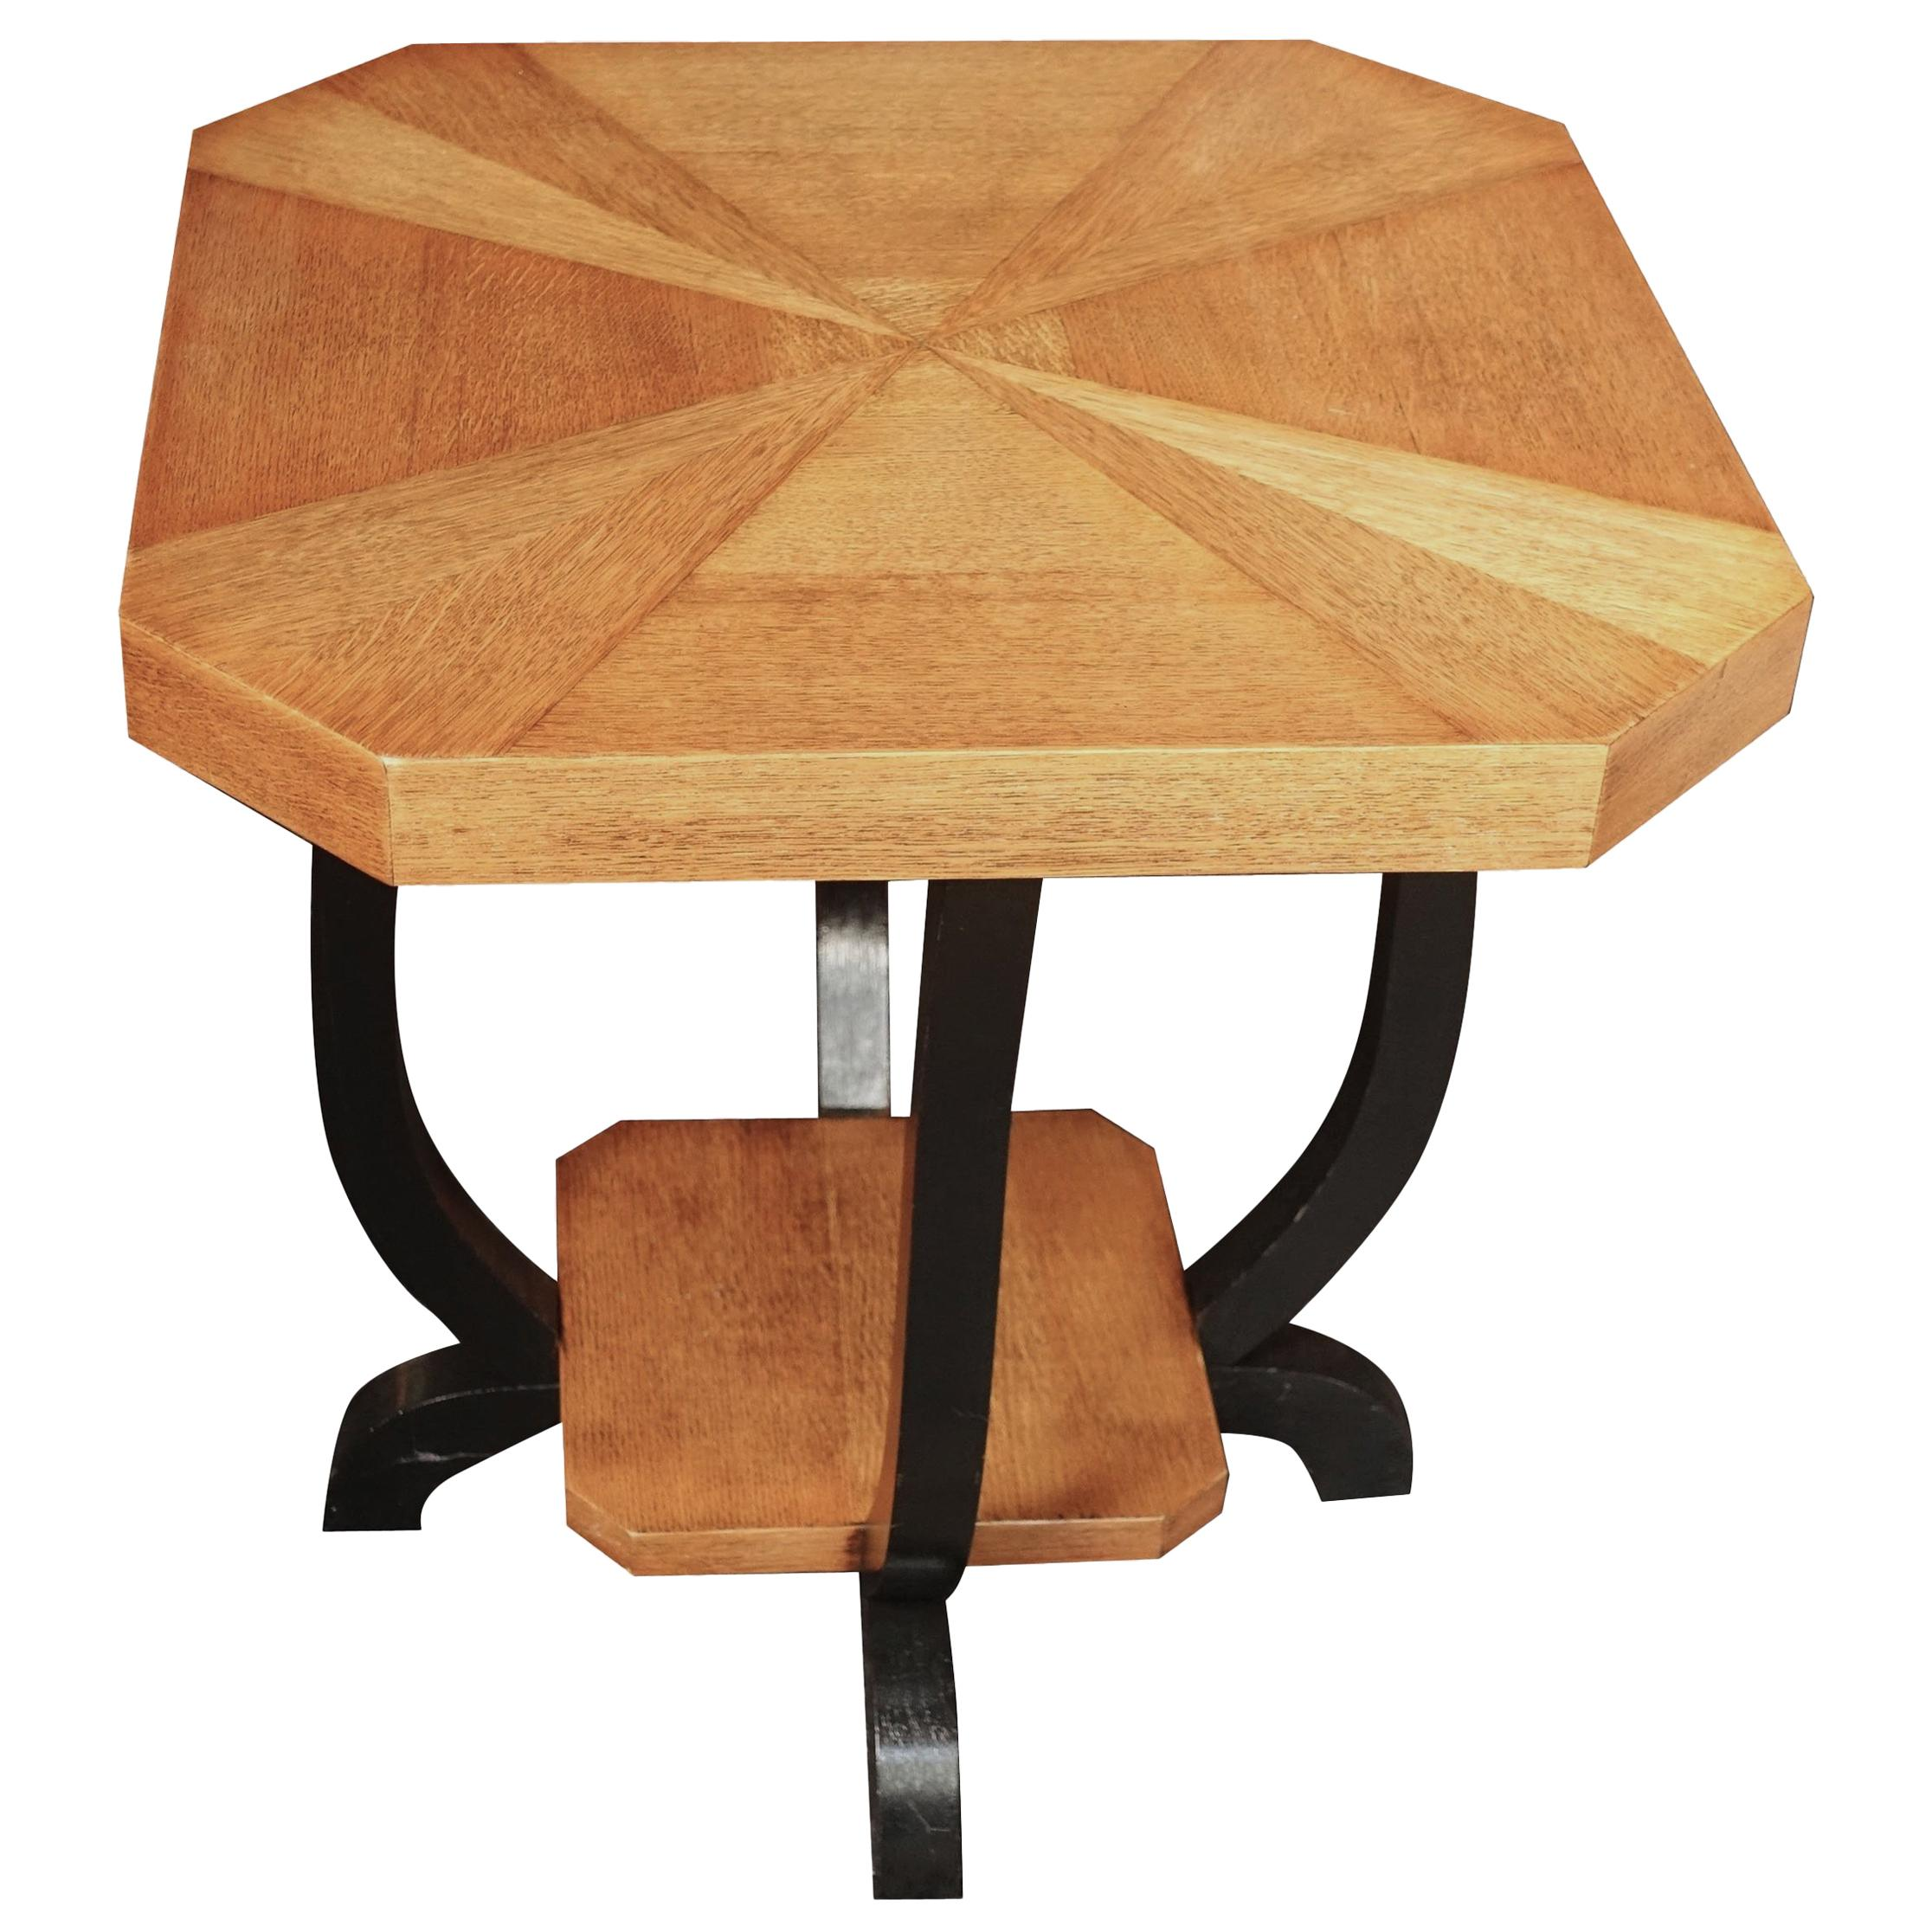 Pair of Octagonal Side Tables, Belgium, Midcentury